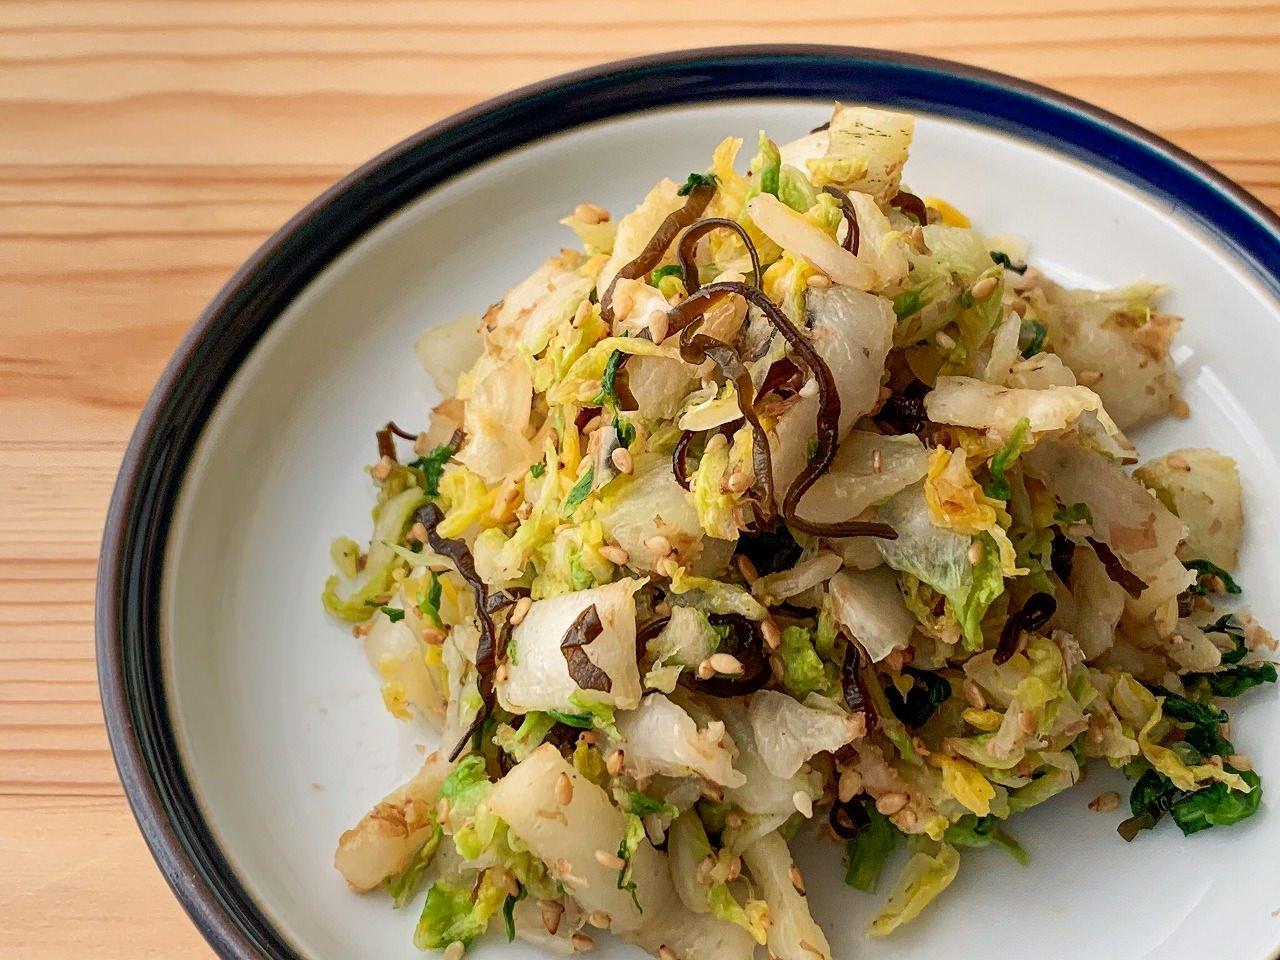 【野菜ひとつ】白菜の塩昆布おかか和え